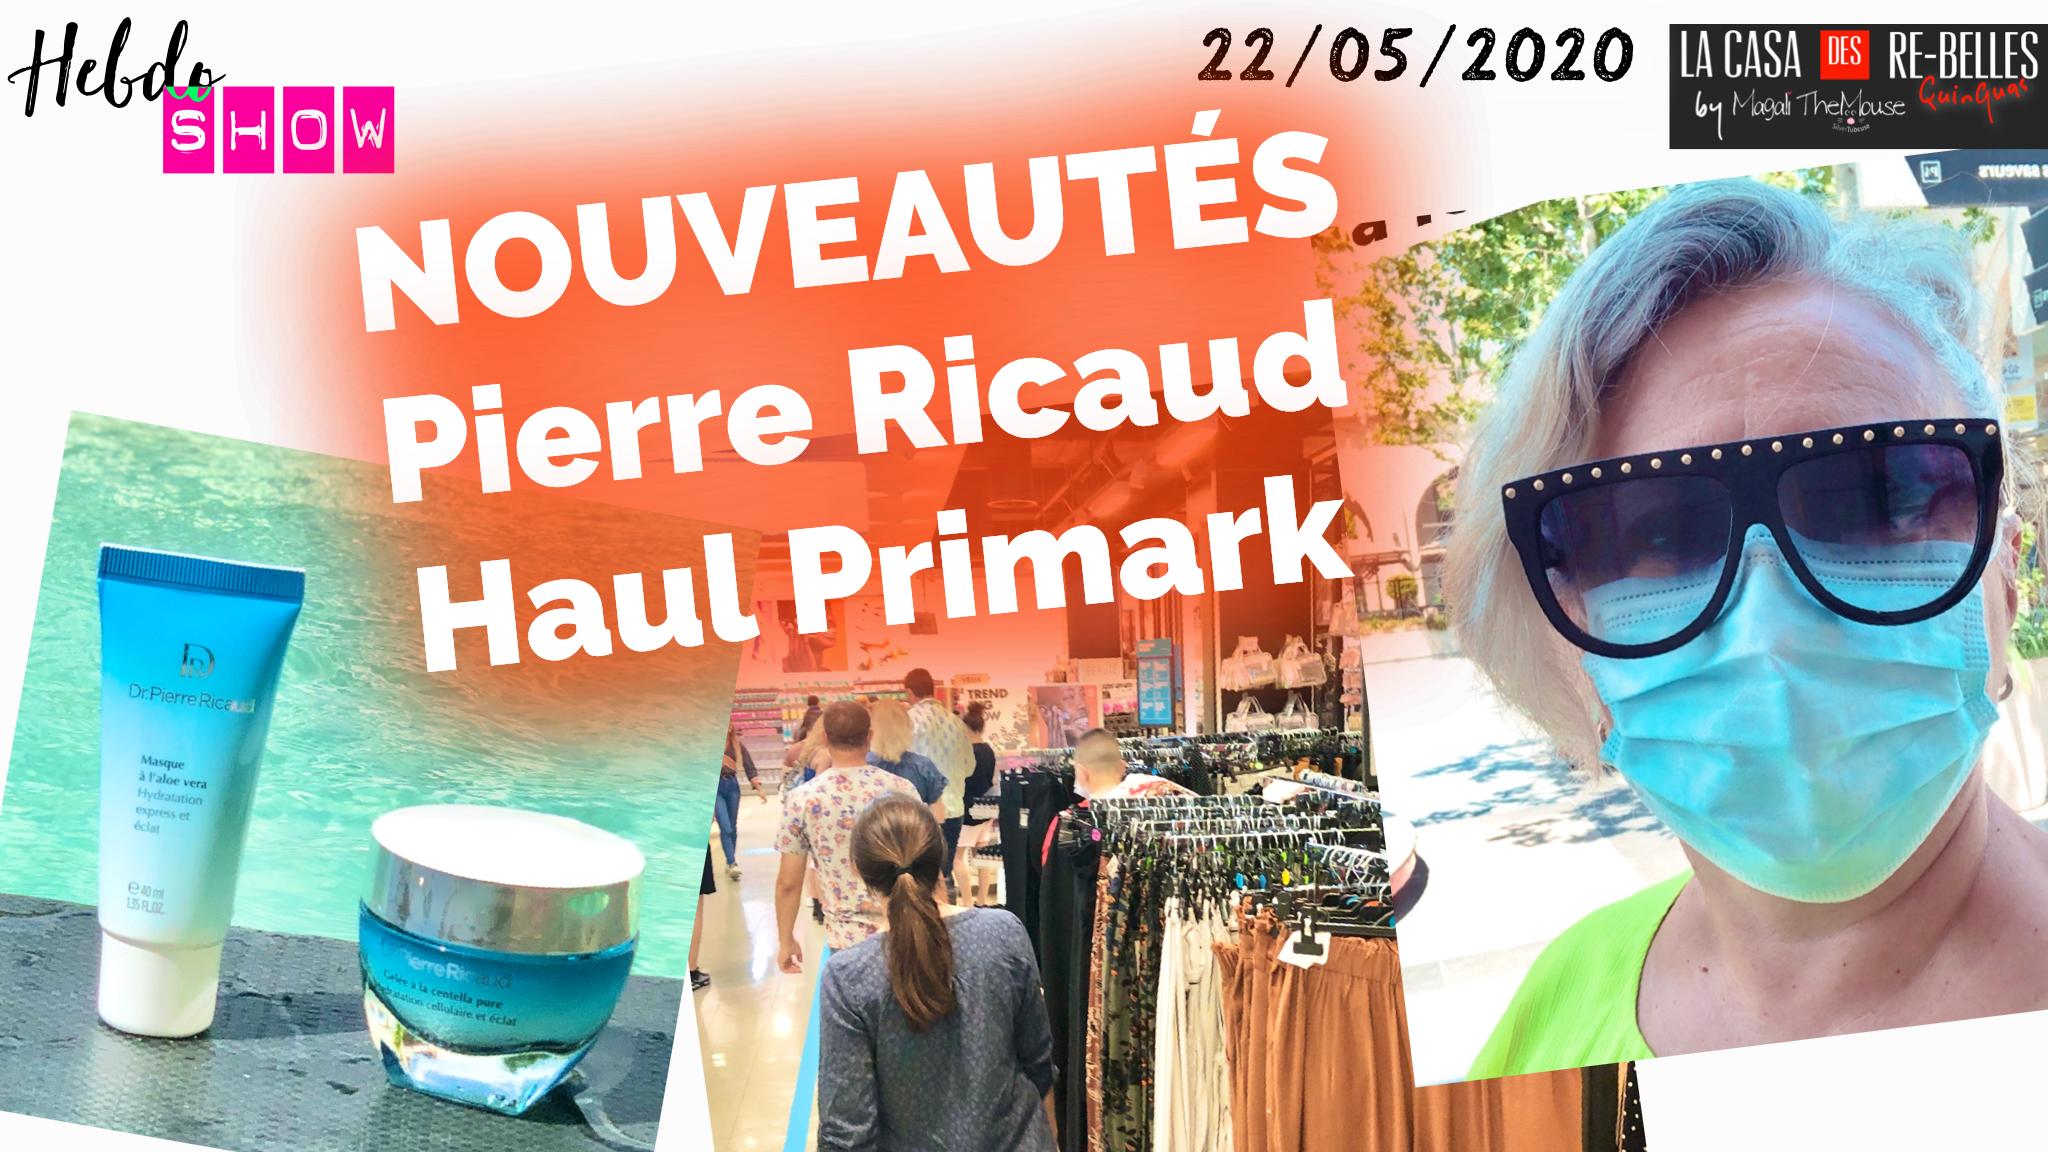 Nouveautés Pierre Ricaud et Haul Primark… 1ère sortie masquée!